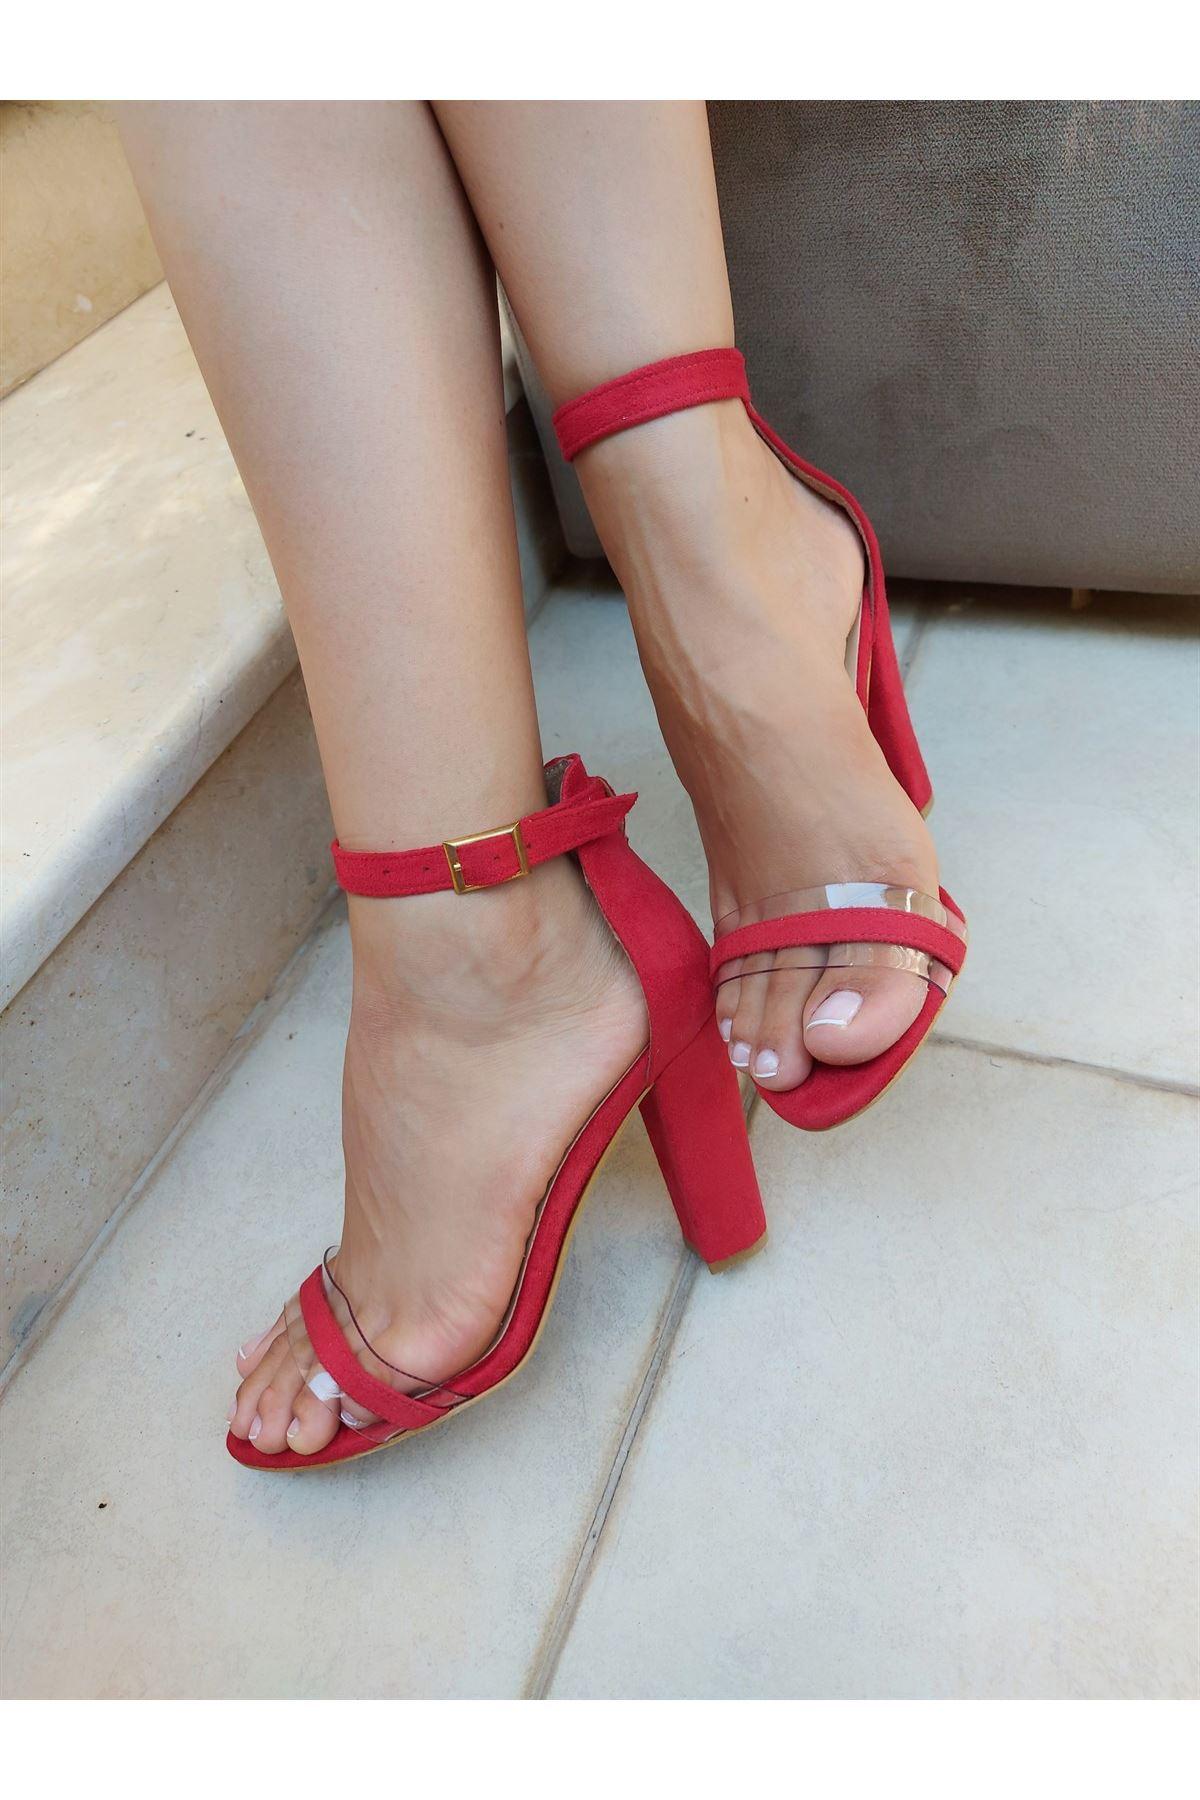 Dagian Kırmızı Süet Topuklu Ayakkabı